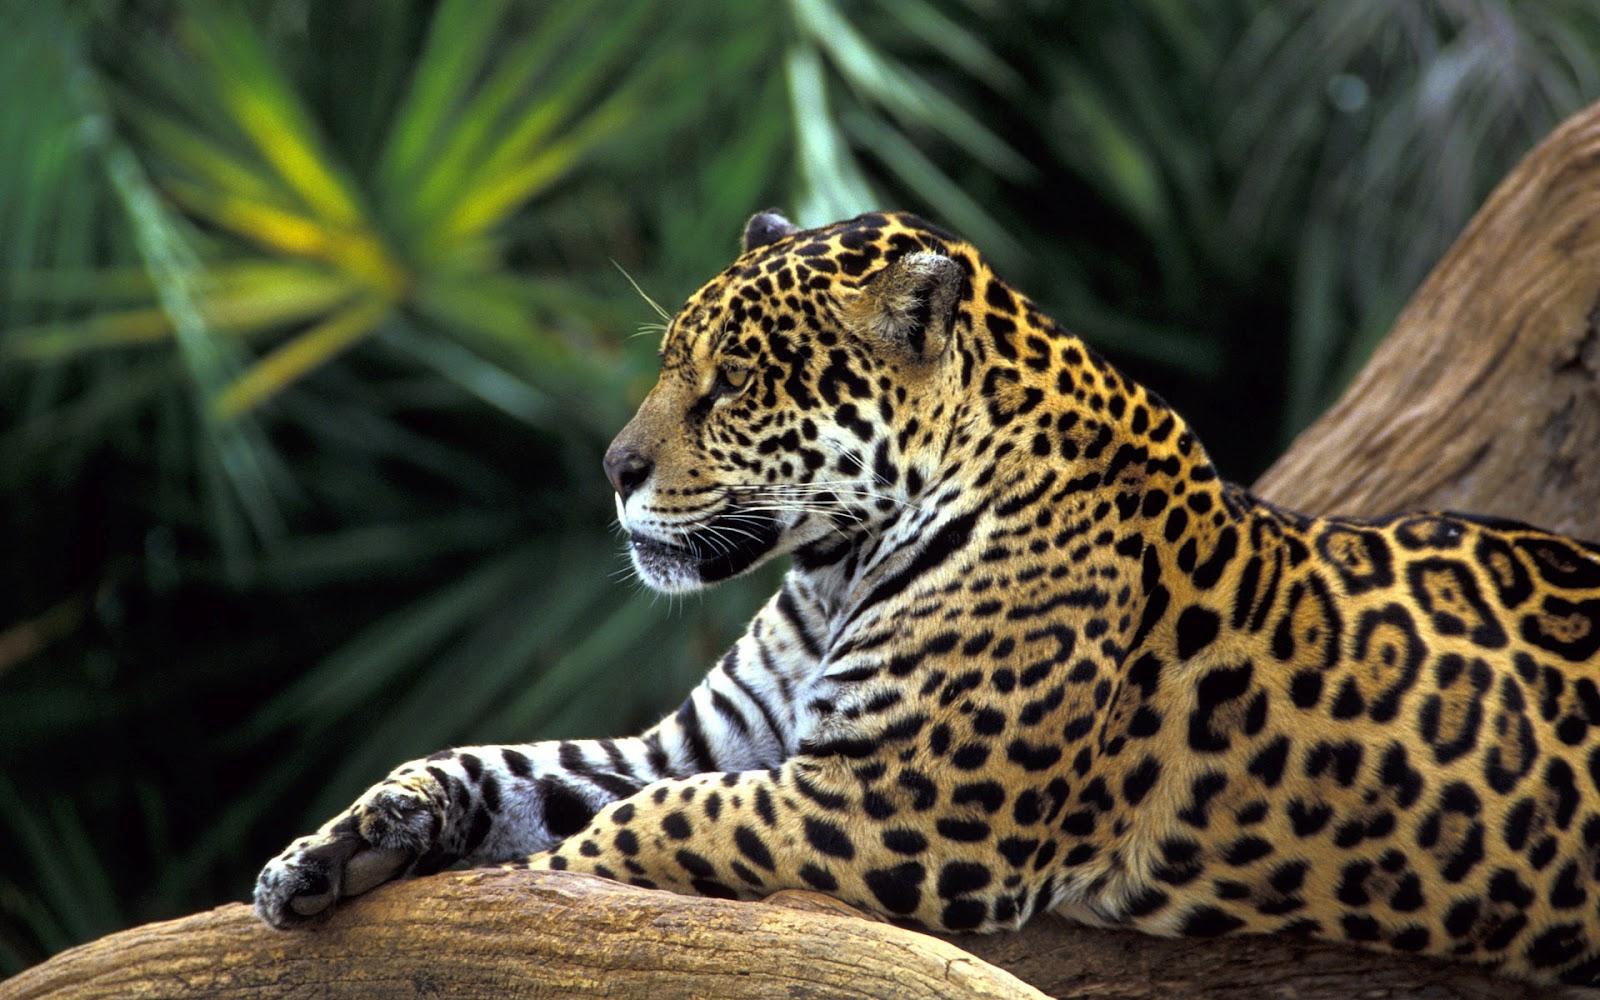 http://3.bp.blogspot.com/-kzcH_1AAtVk/T1Ose6nRXxI/AAAAAAAAAkU/kVAvVgEC8C8/s1600/jaguar-wallpapers.jpg